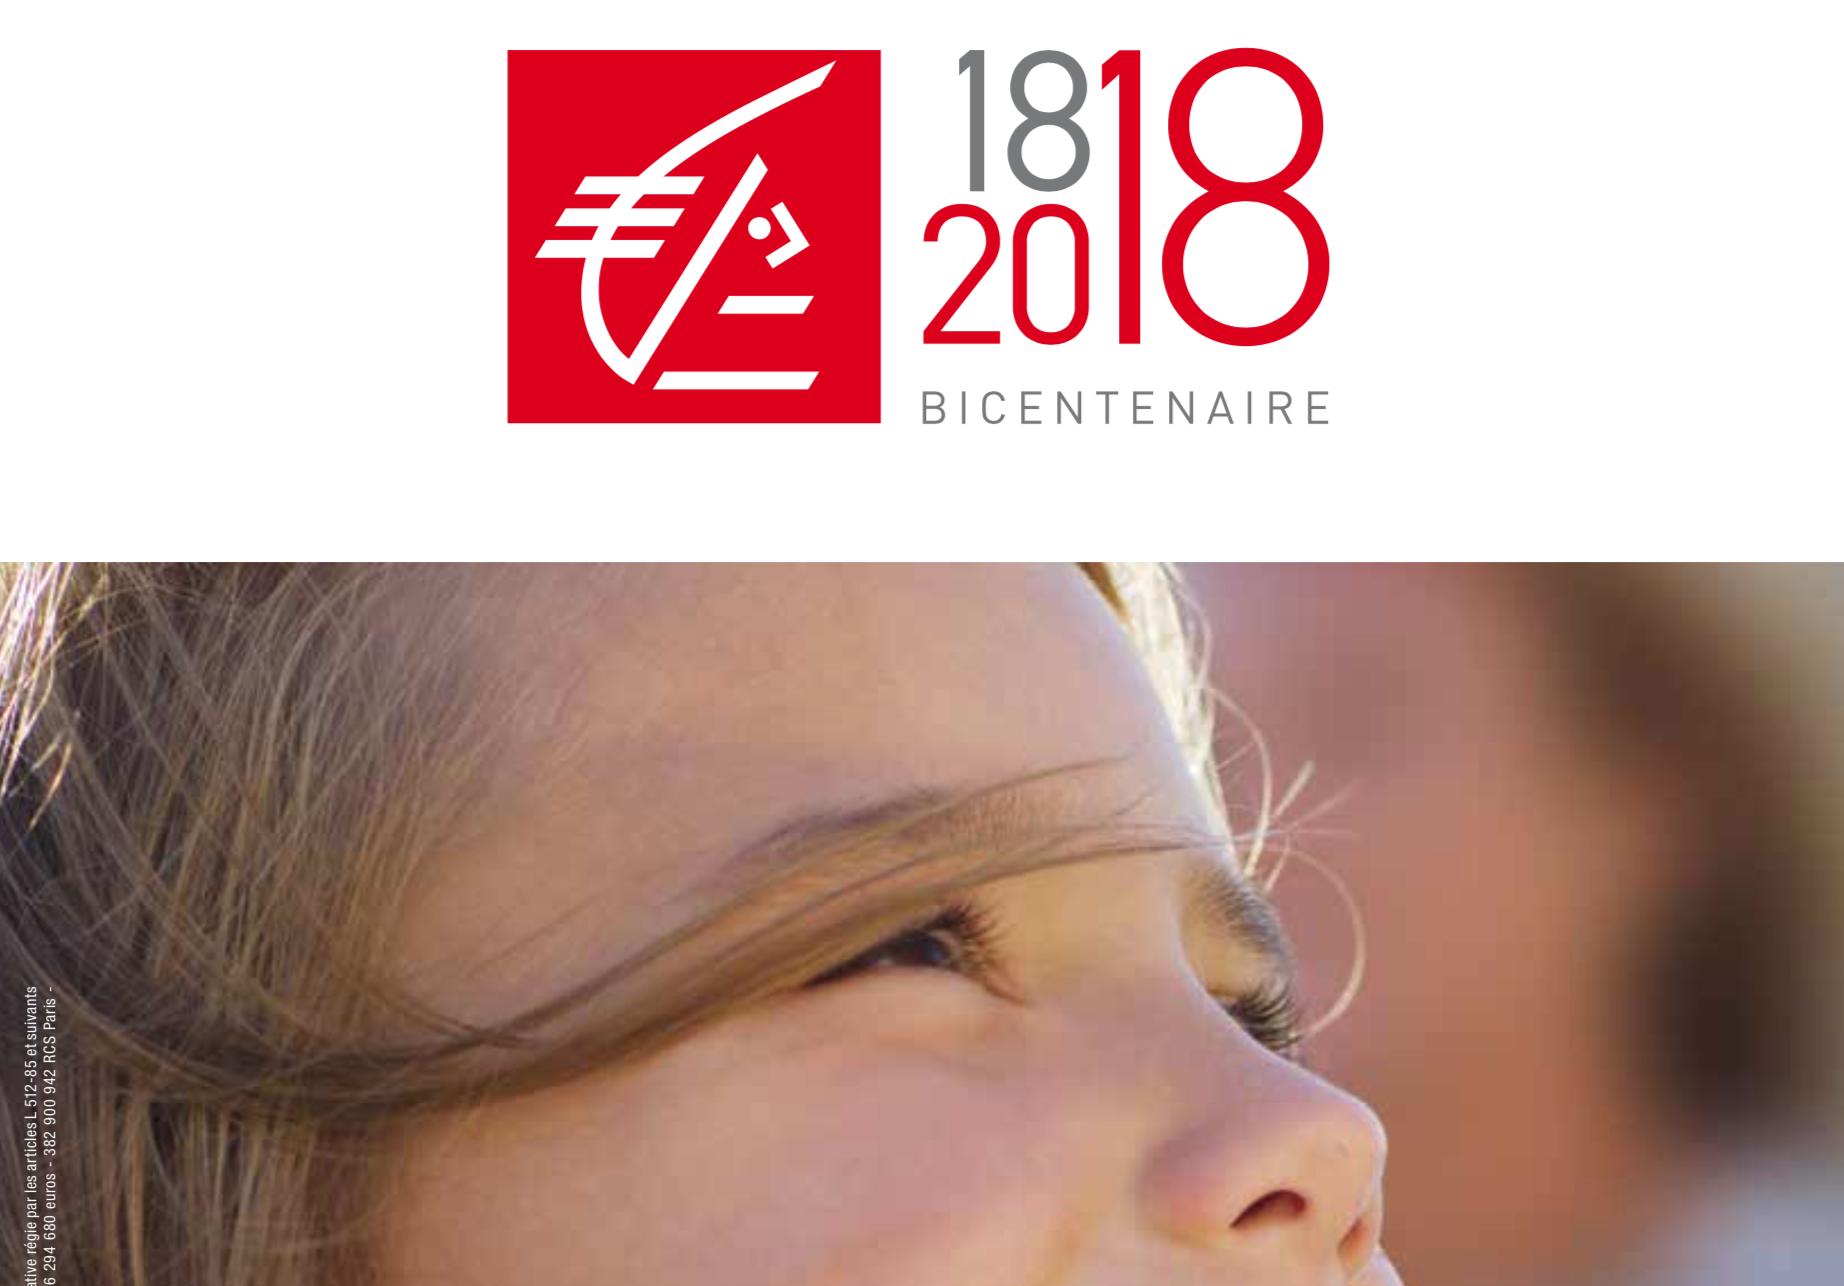 1818 2018 La Caisse D Epargne Fete Son Bicentenaire